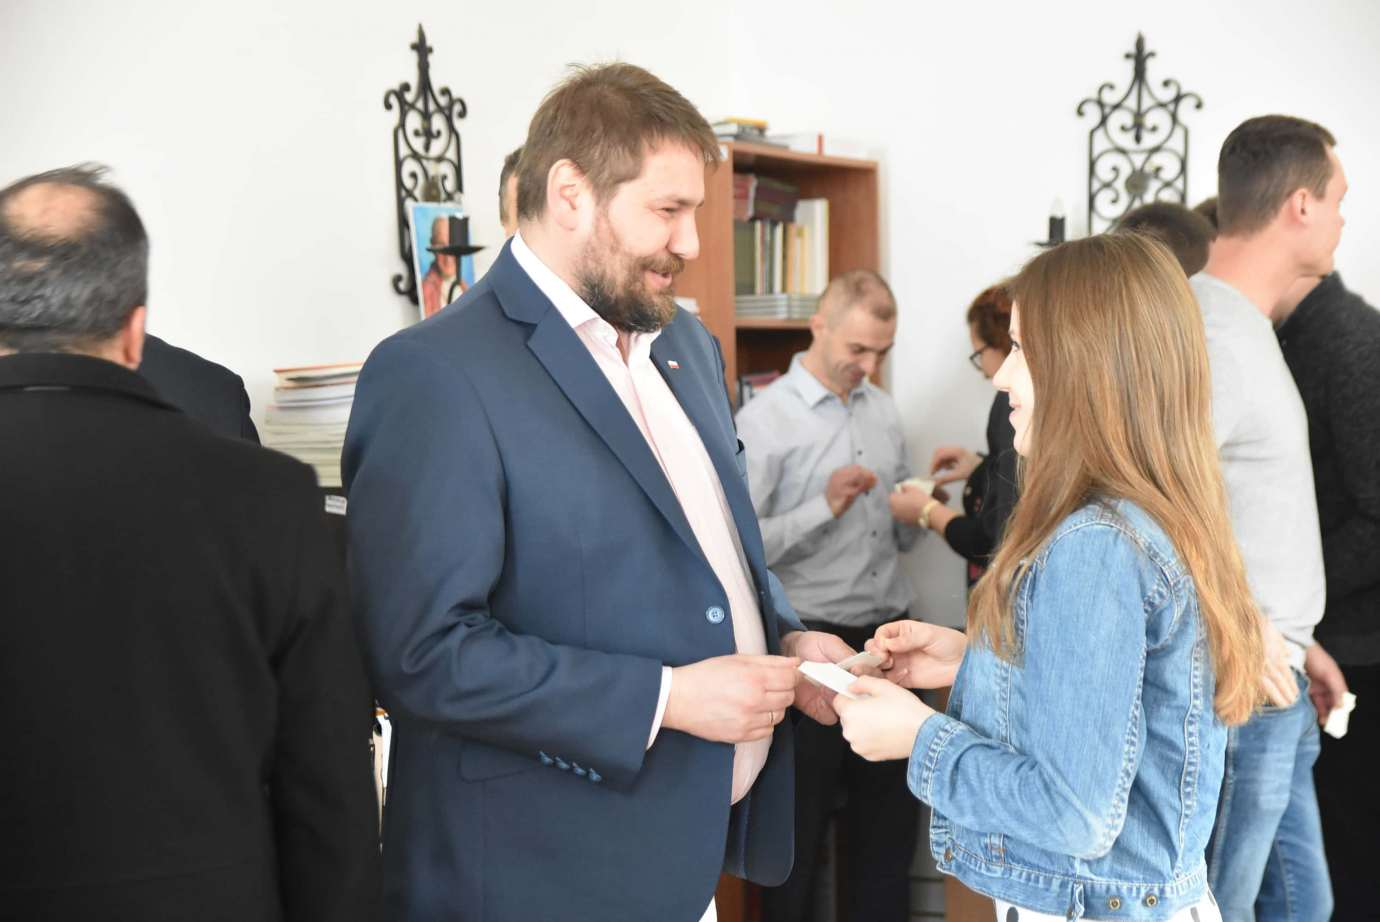 dsc 4040 Zamość: Otwarcie nowego biura poselskiego Jarosława Sachajko. [ZDJĘCIA, FILM]